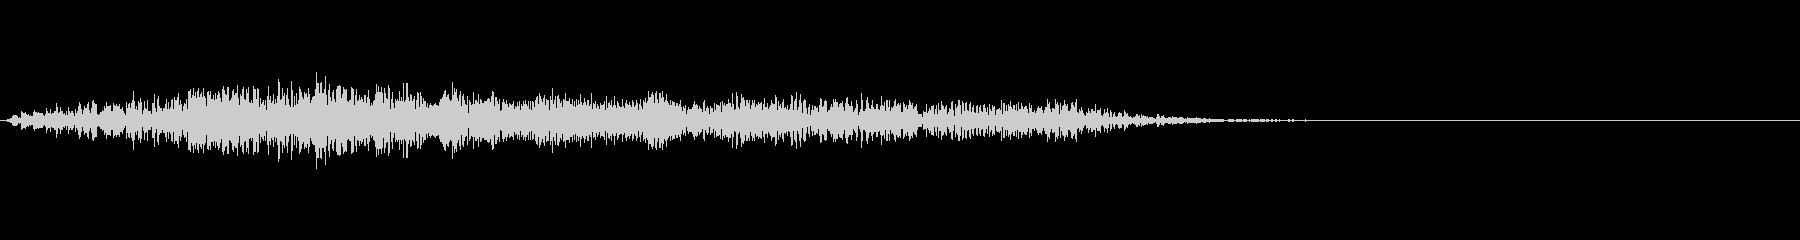 [生録音]ファスナーを開け閉めする音03の未再生の波形